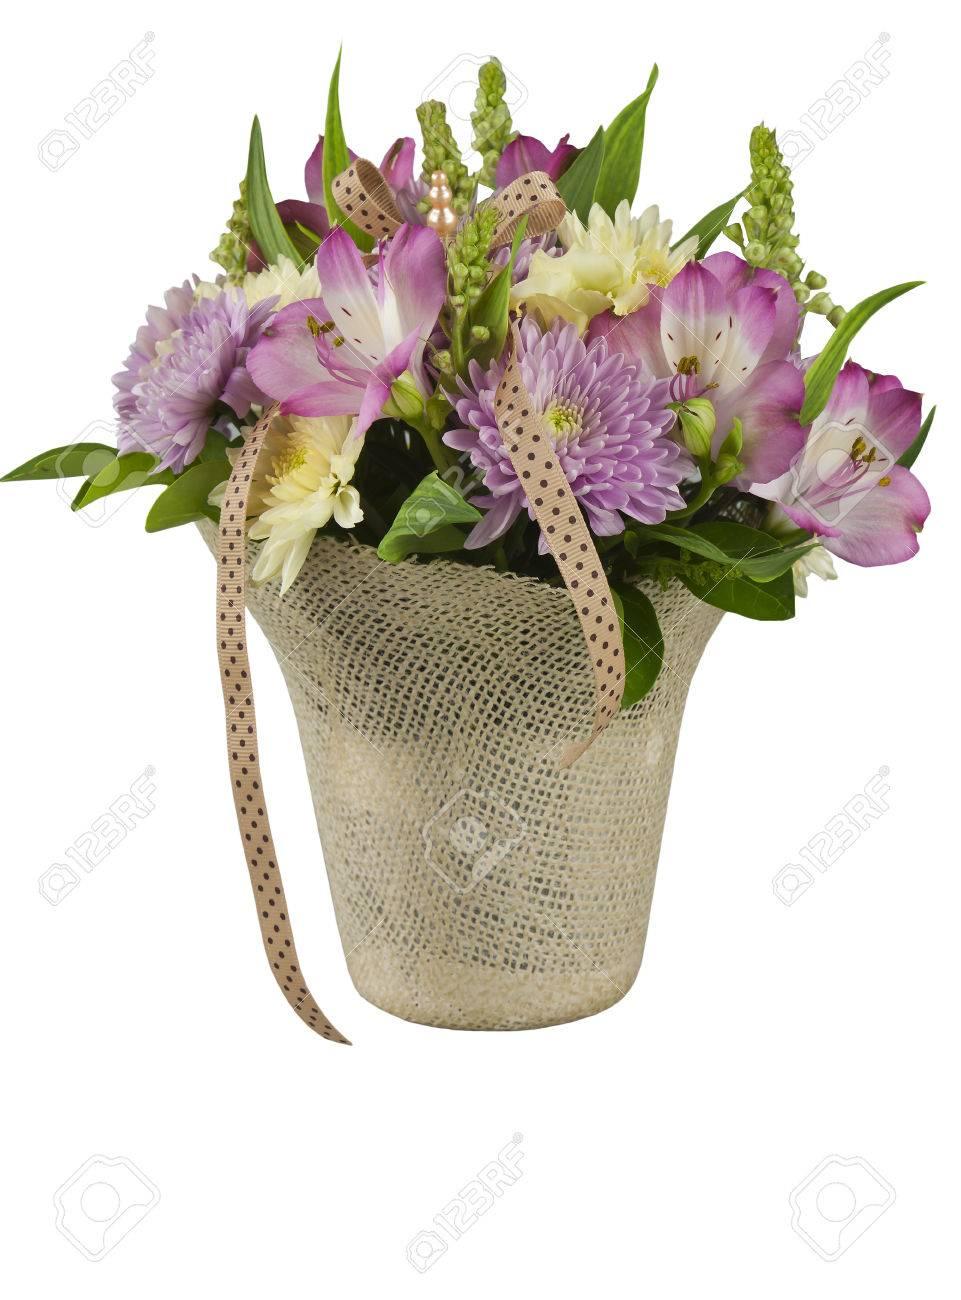 Beautiful flowers arranged in a basket stock photo picture and beautiful flowers arranged in a basket stock photo 79883095 izmirmasajfo